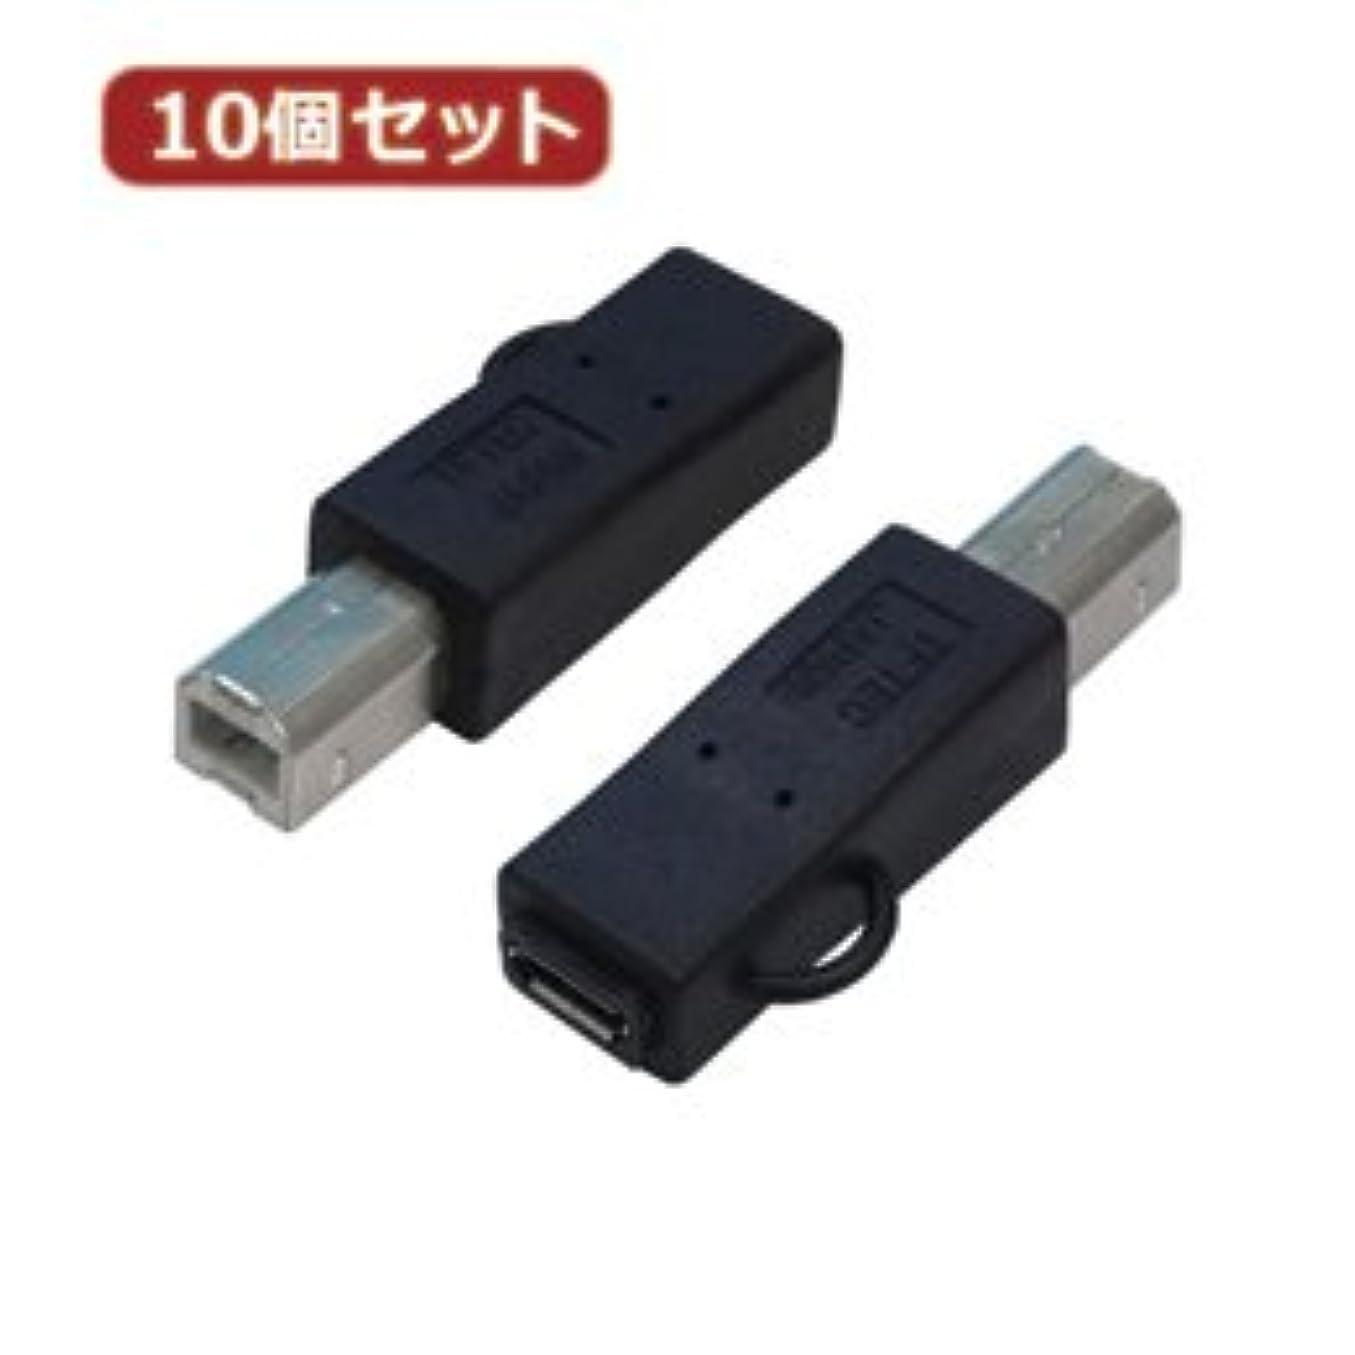 耐えられる年金受給者急襲【まとめ 4セット】 変換名人 10個セット 変換プラグ USB B(オス)→microUSB(メス) USBBA-MCBX10